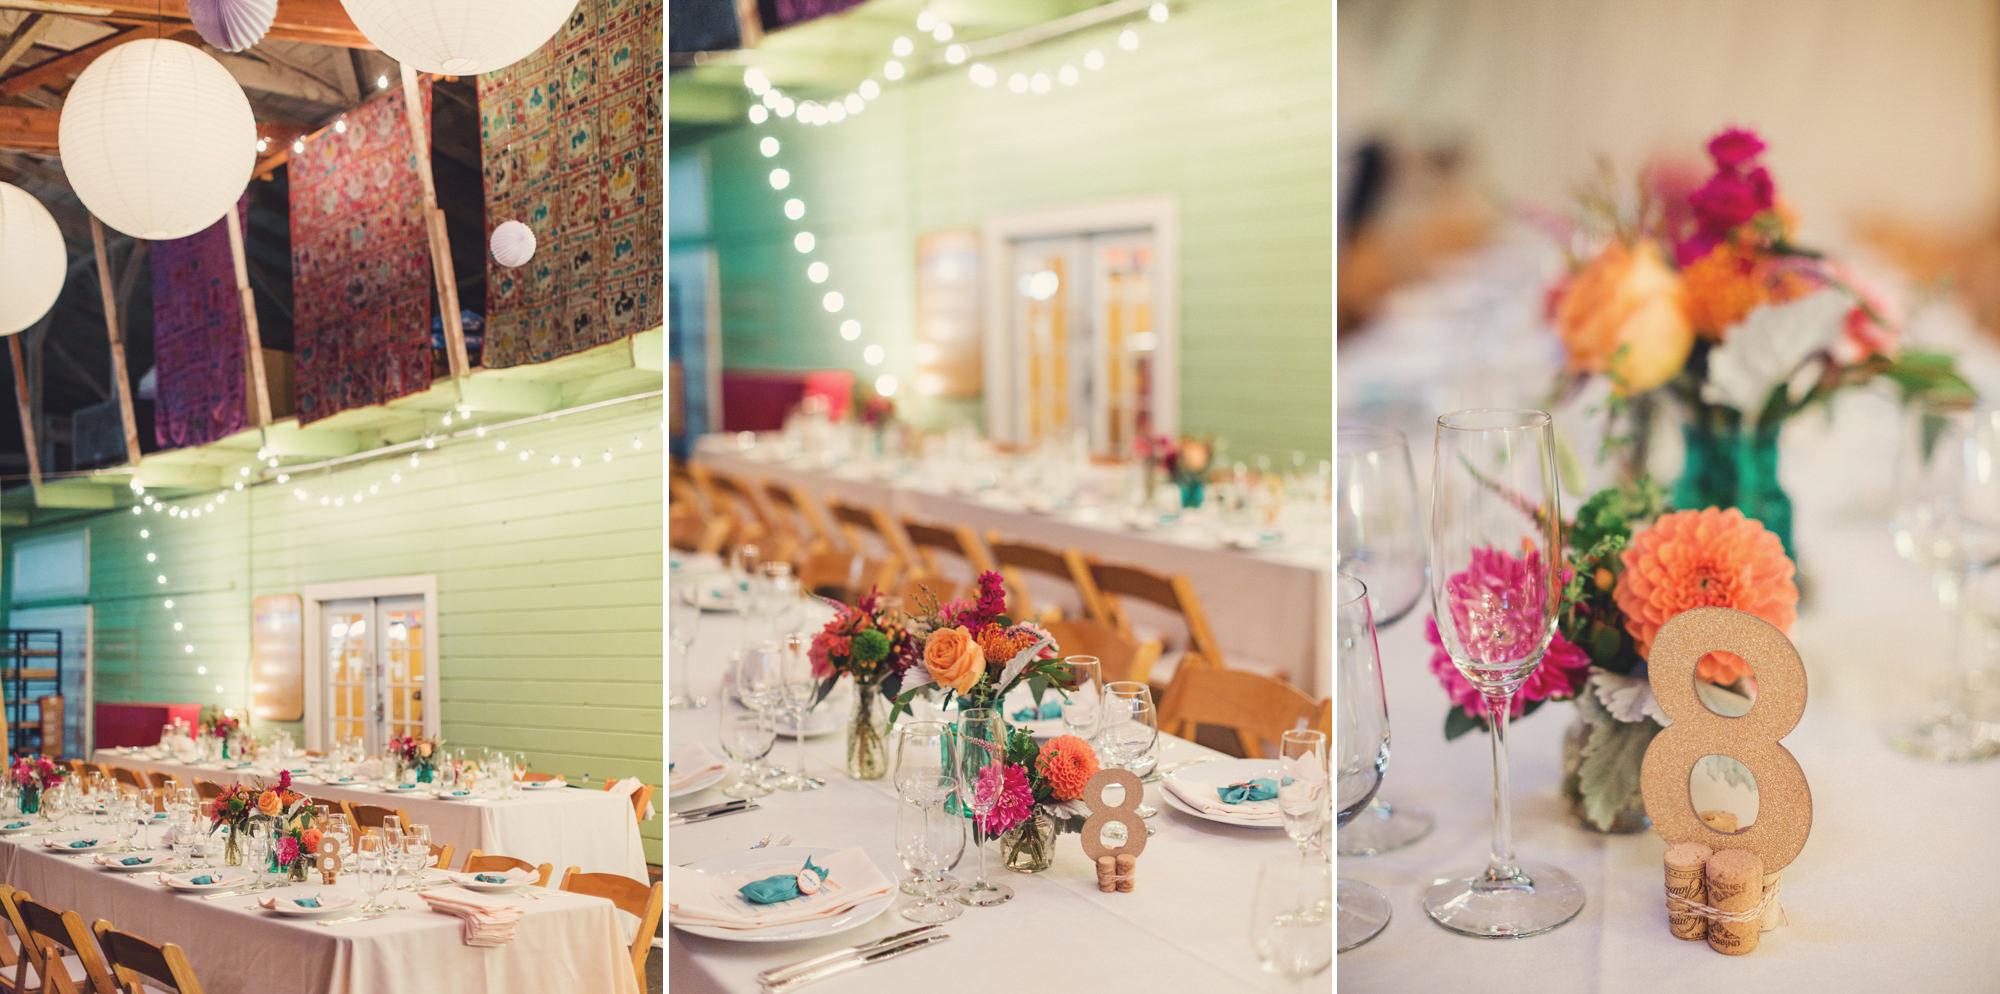 Tobys-Feed-Barn-Wedding-Anne-Claire-Brun-123.jpg